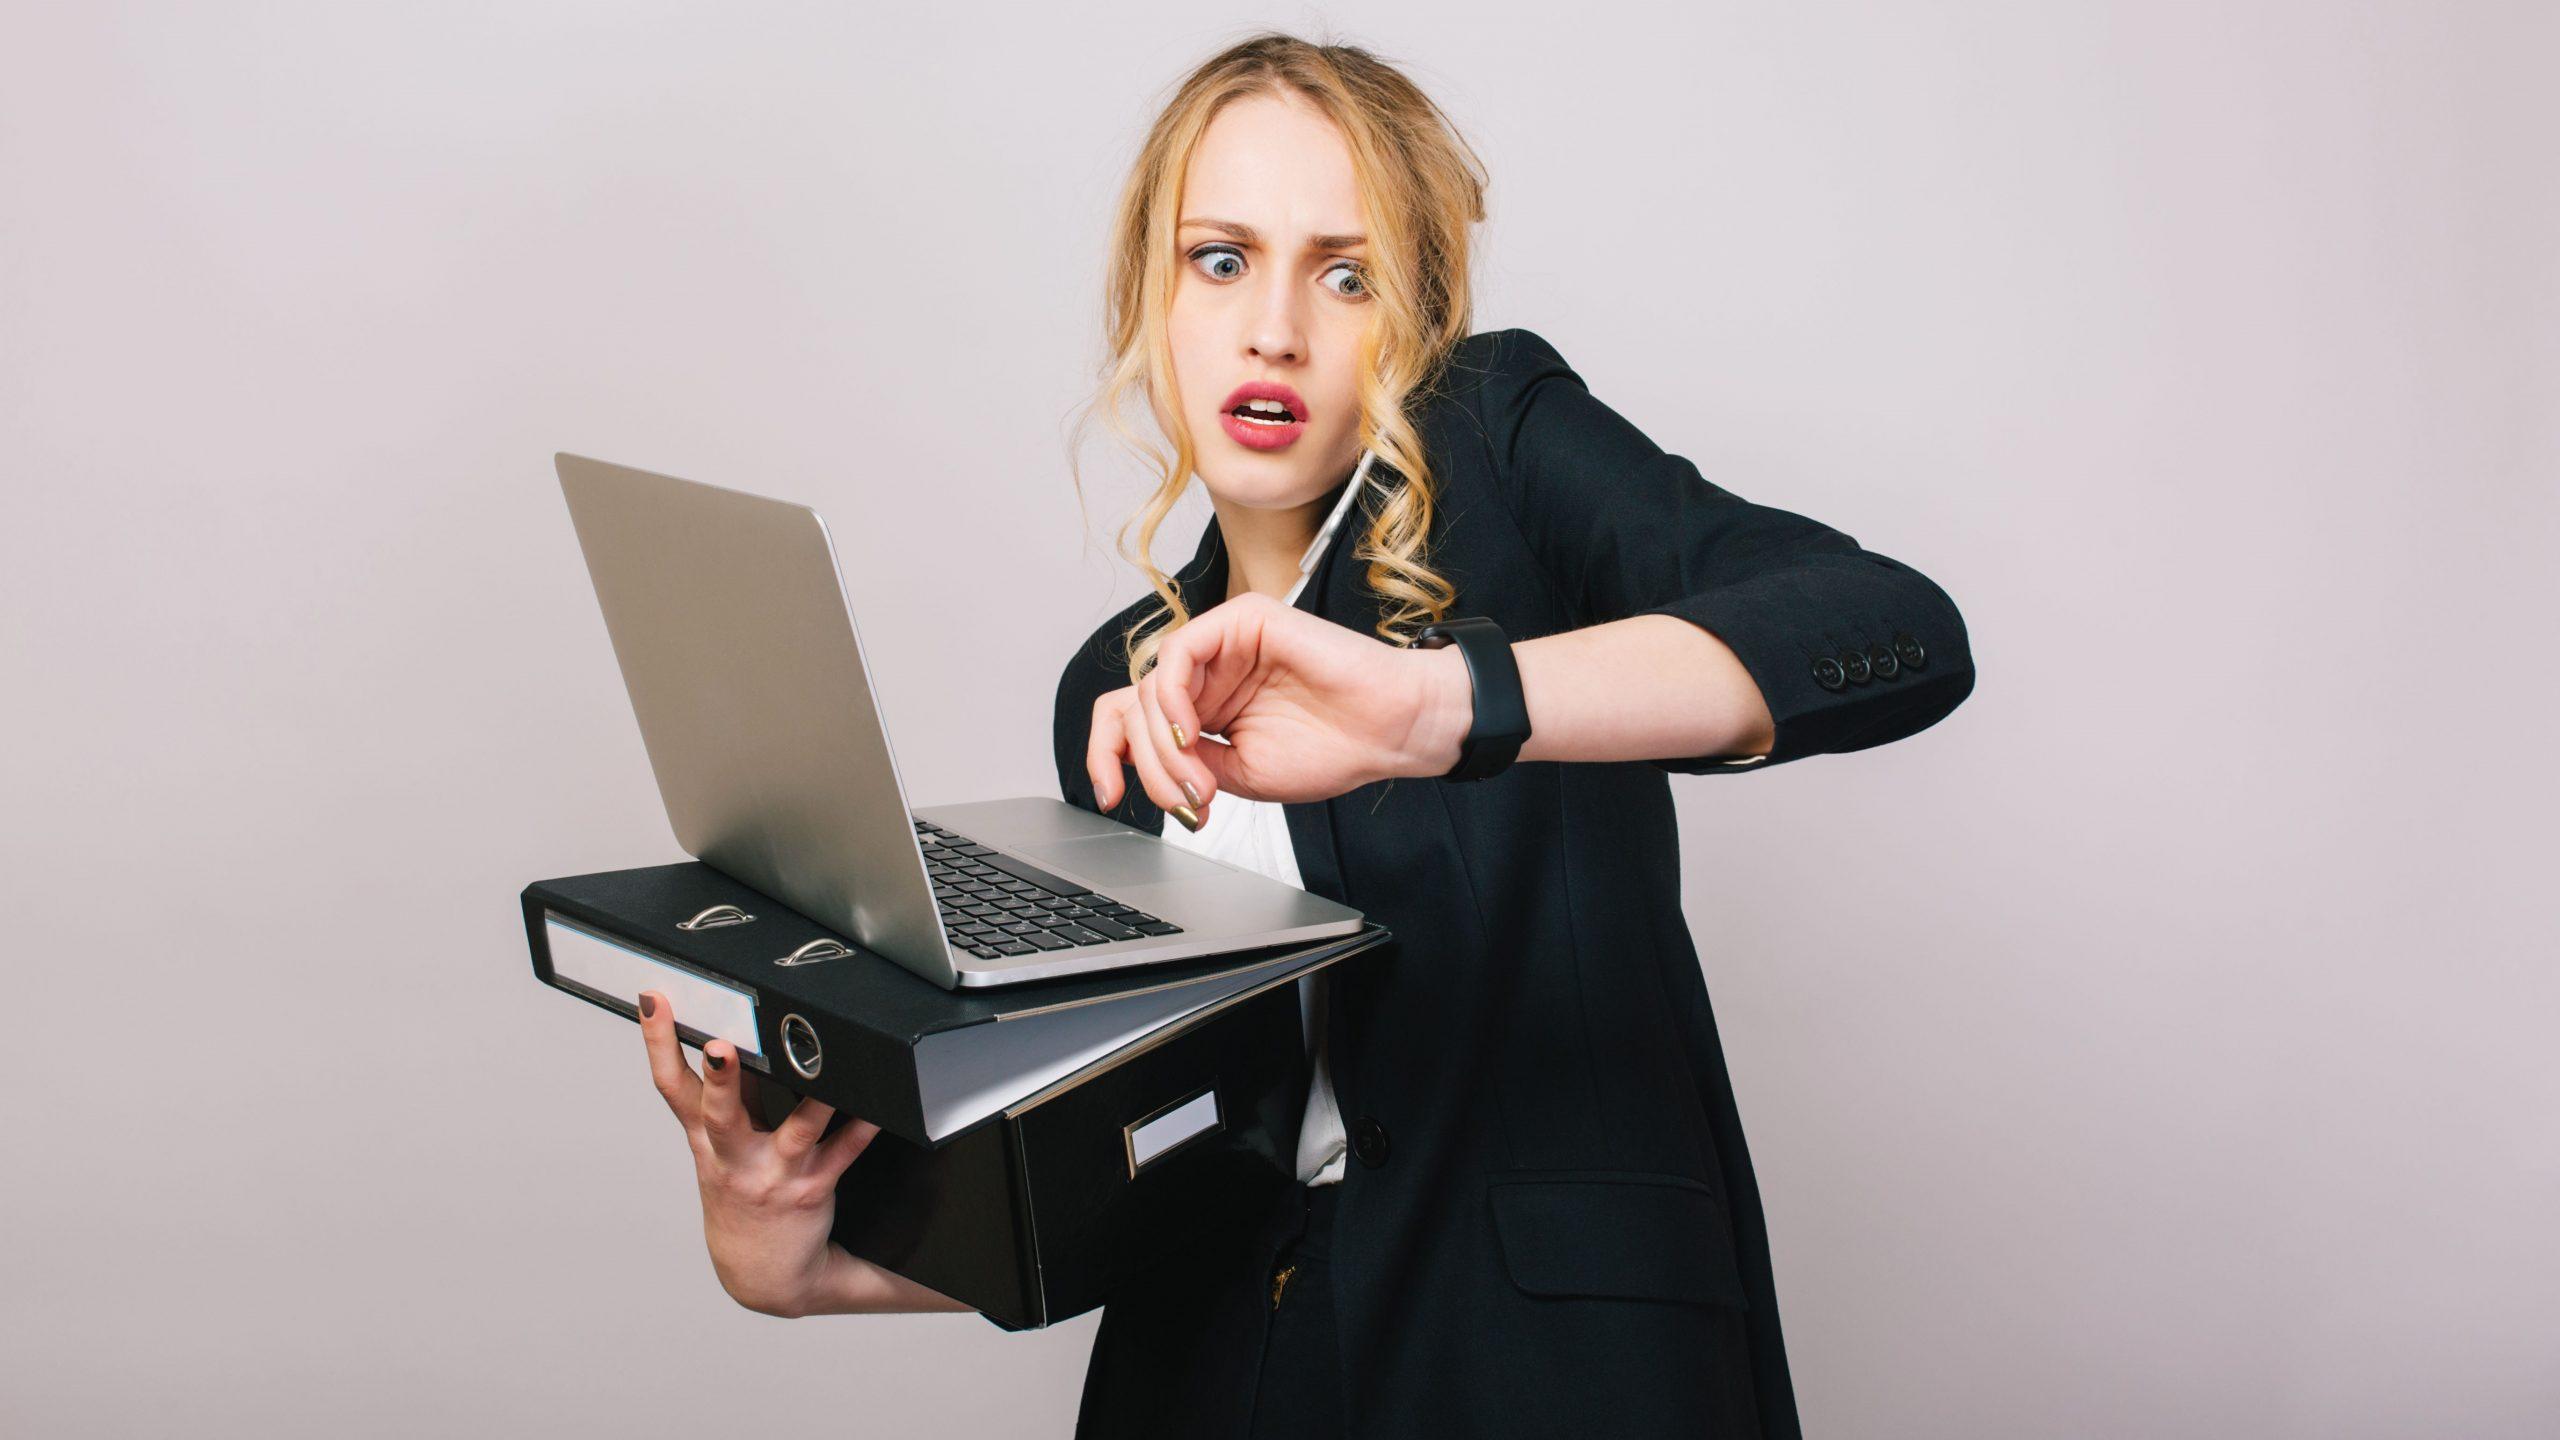 Đi làm muộn là hiện tượng xảy ra thường xuyên tại các doanh nghiệp